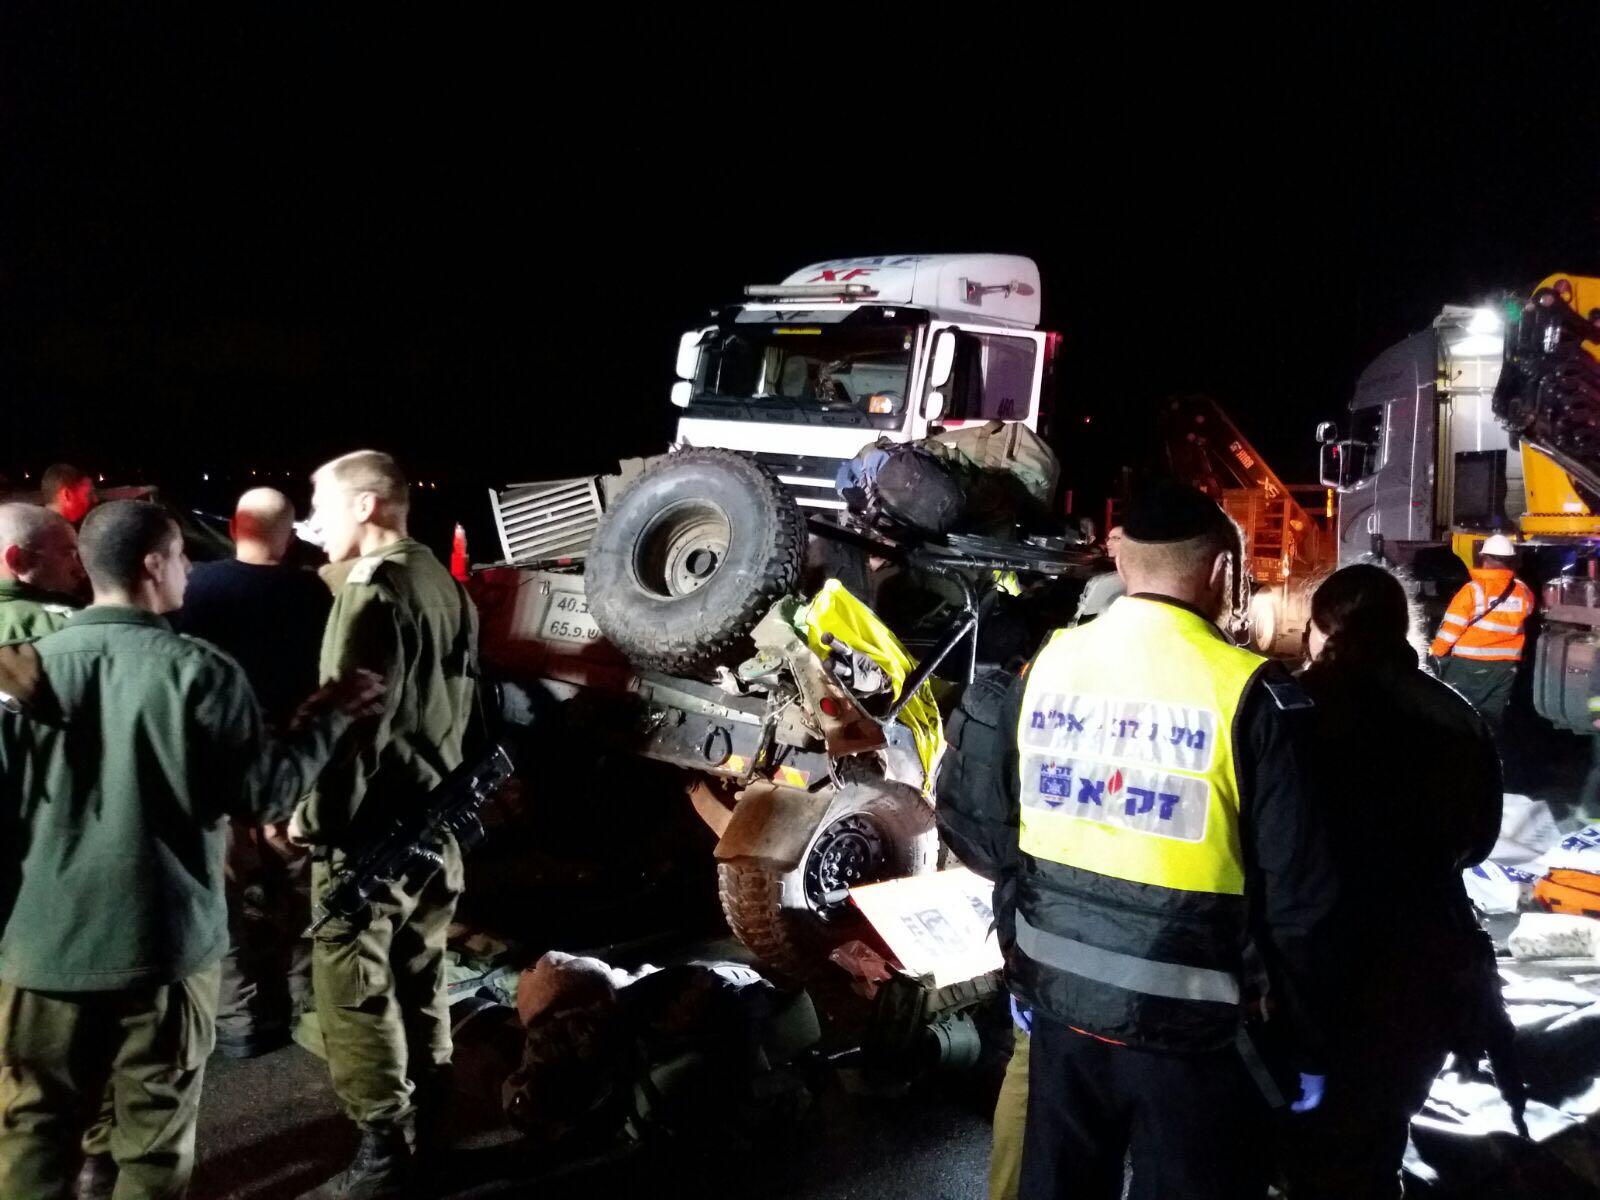 טרגדיה: שני חיילים נהרגו בתאונה מחרידה